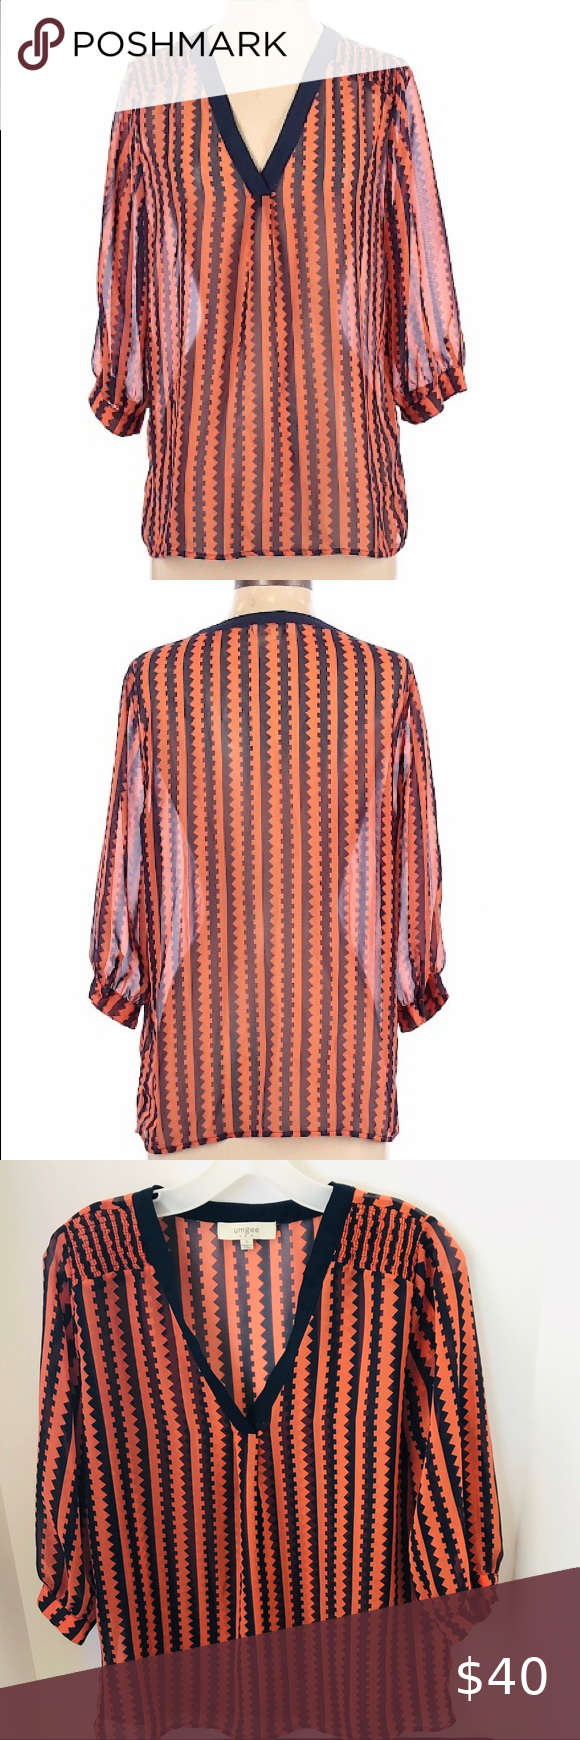 Cotton Striped Blouse Size SM